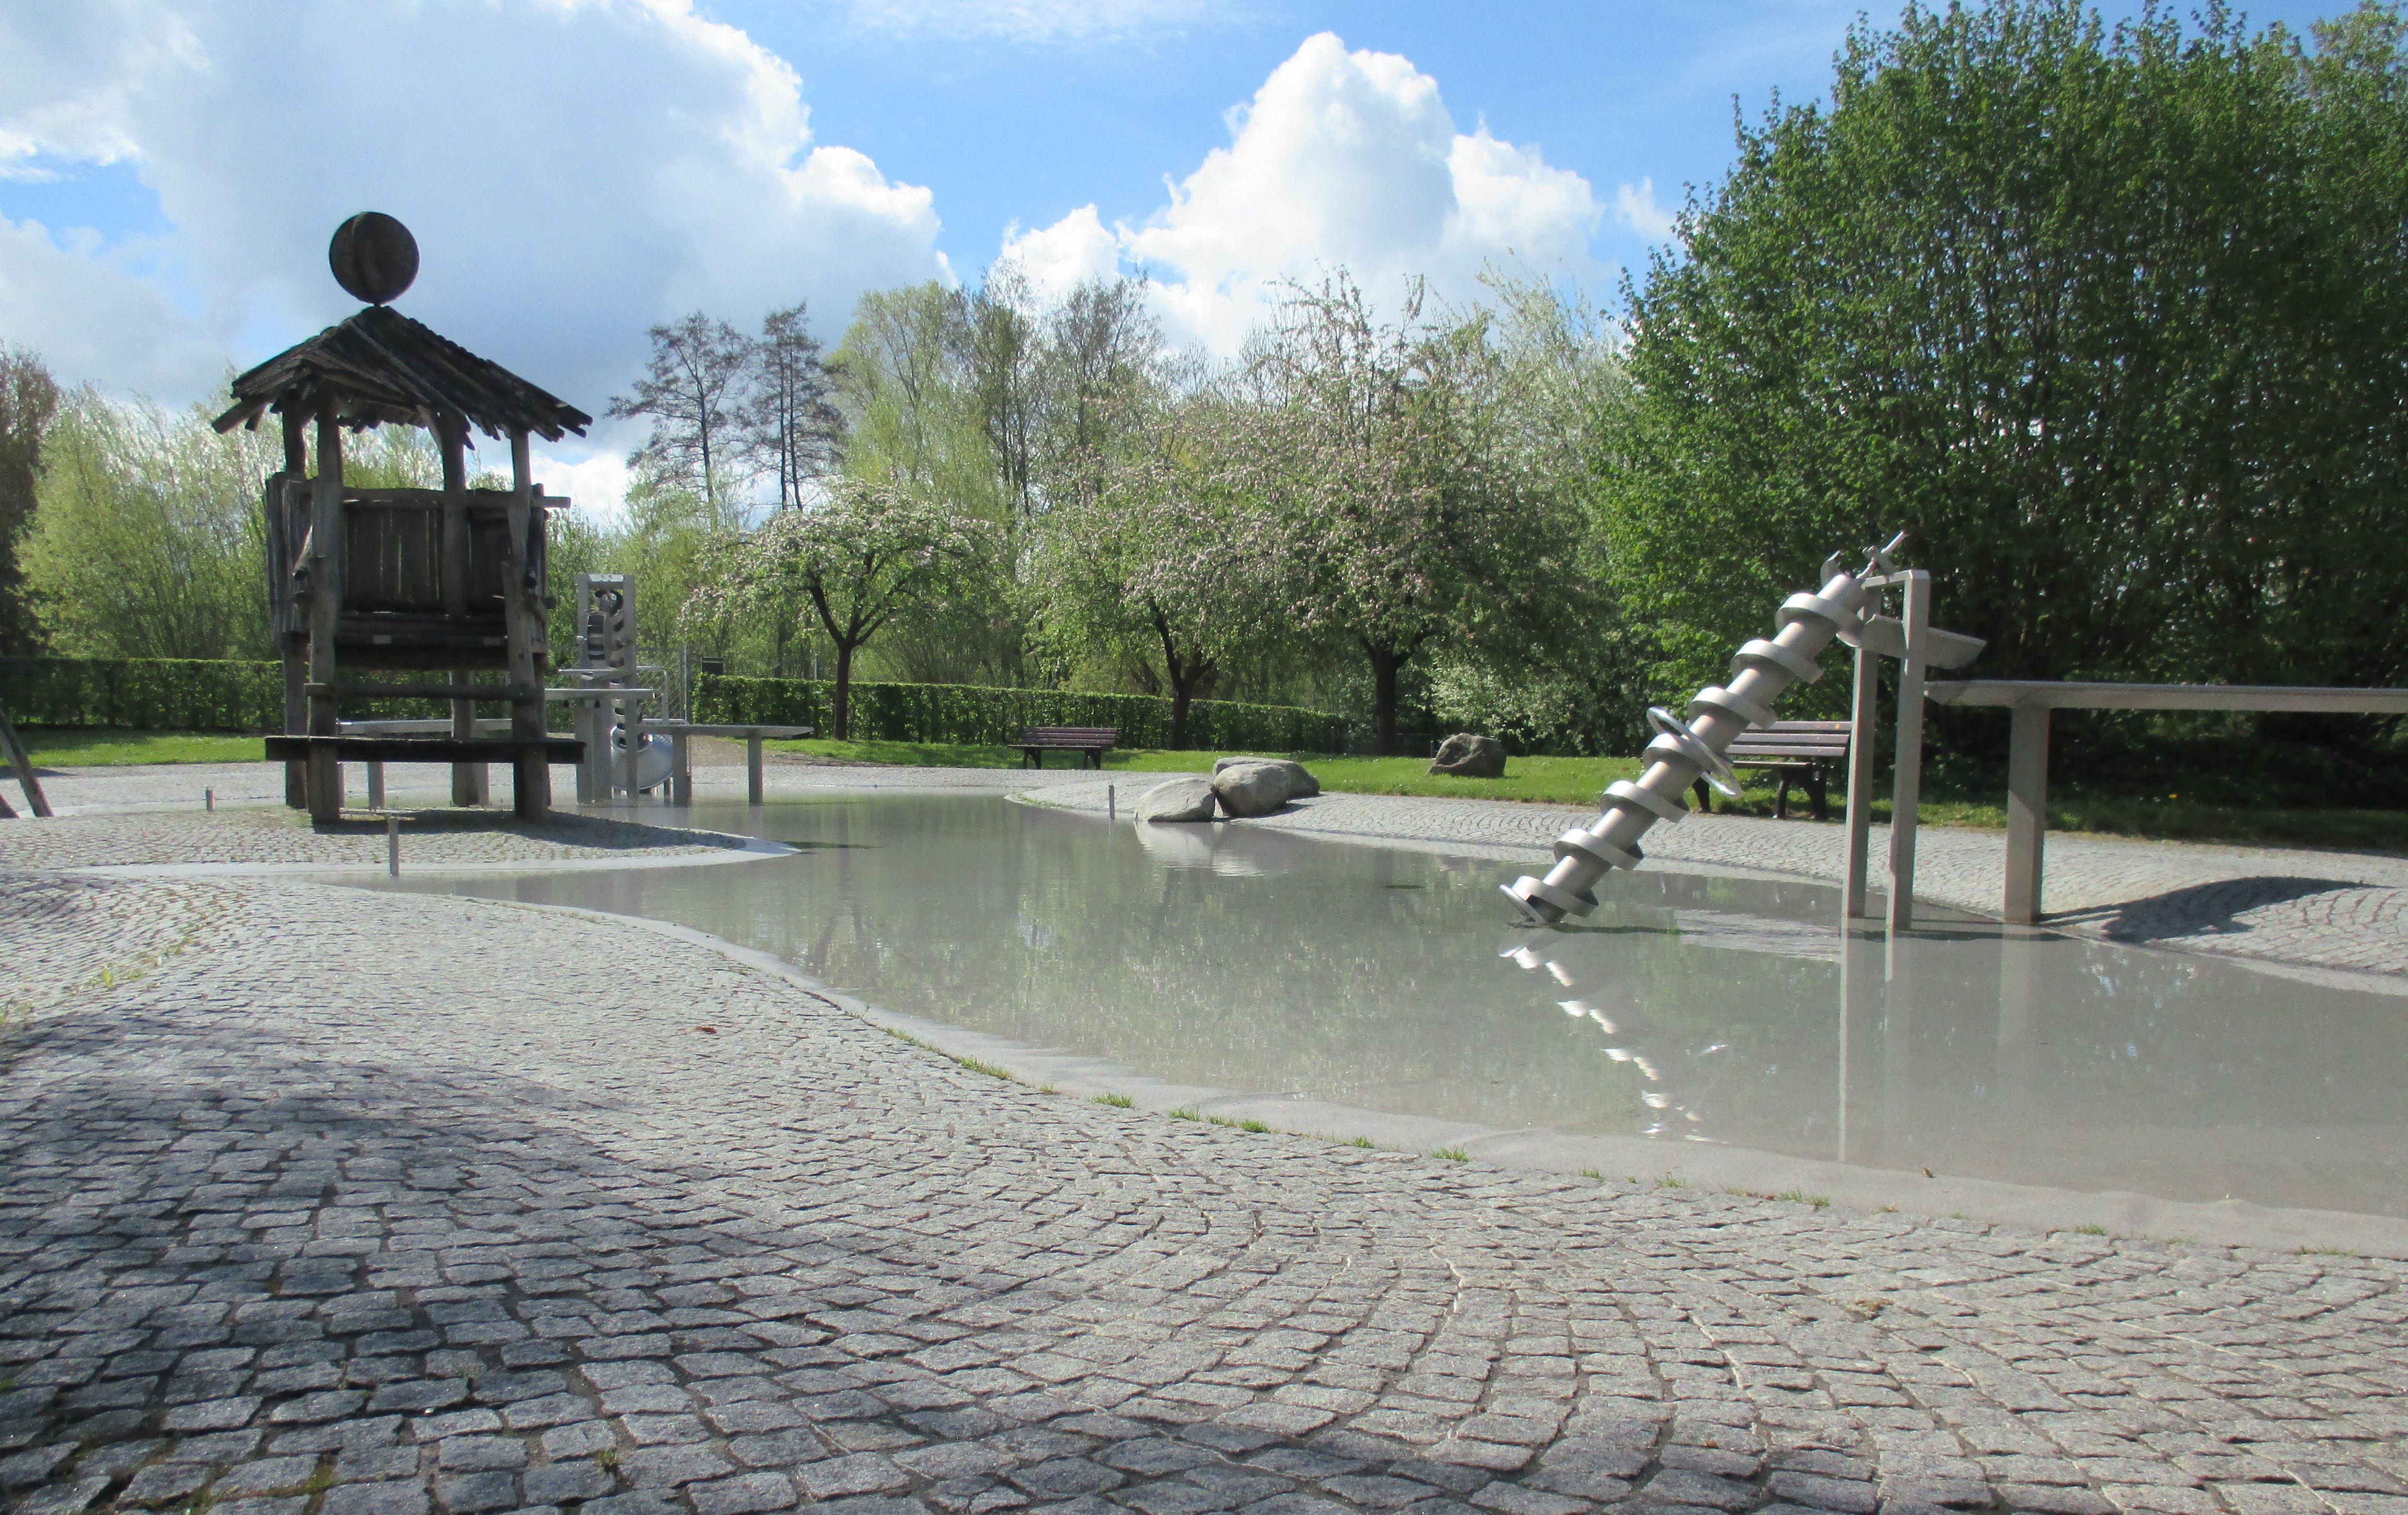 Wasserspielplatz Fulda